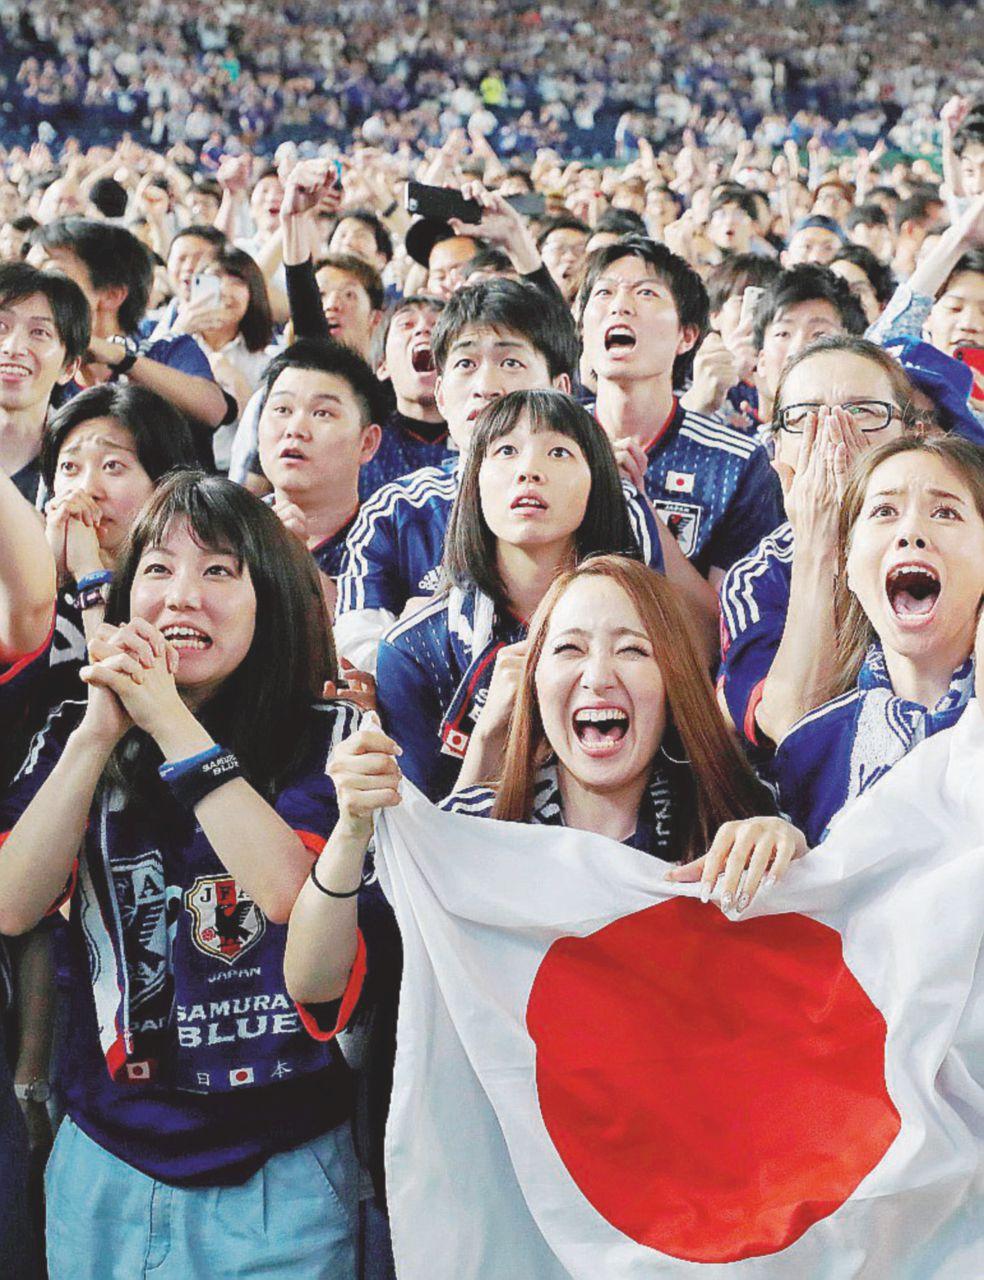 Mondiali Banzai: il senso dell'ultrà per la disciplina